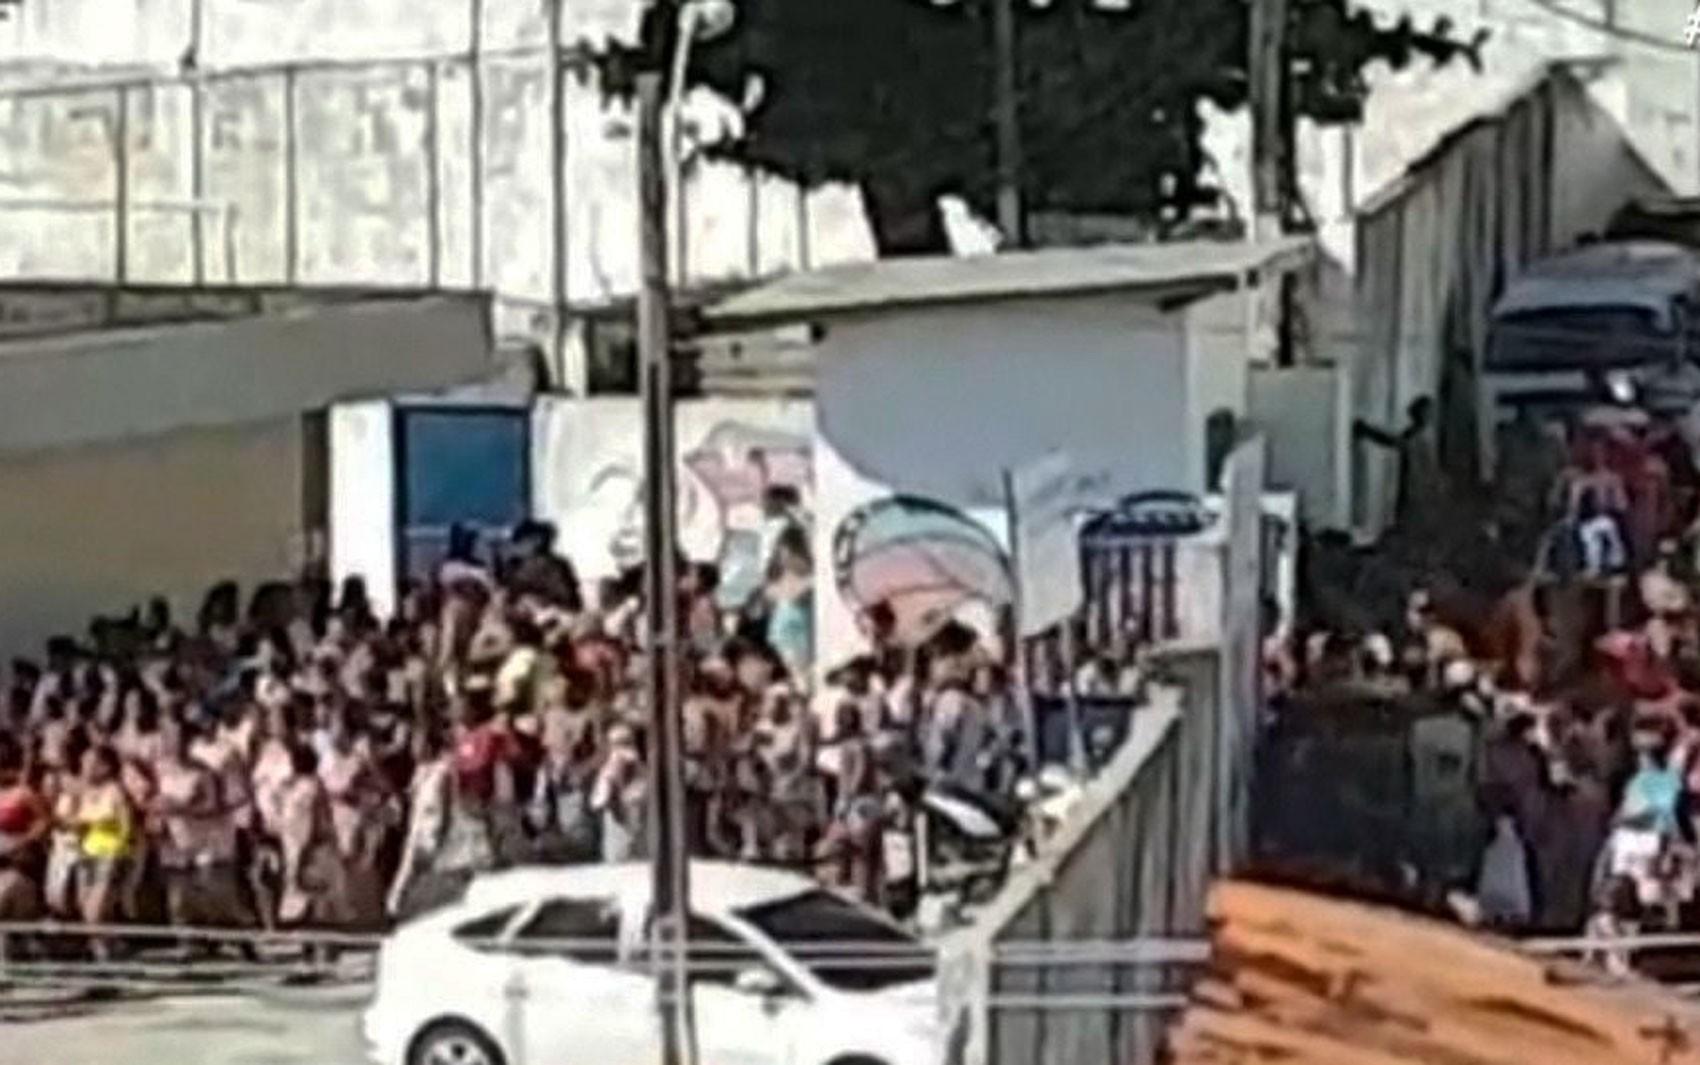 VÍDEO: Multidão invade centro social em bairro de Salvador durante distribuição de cestas básicas